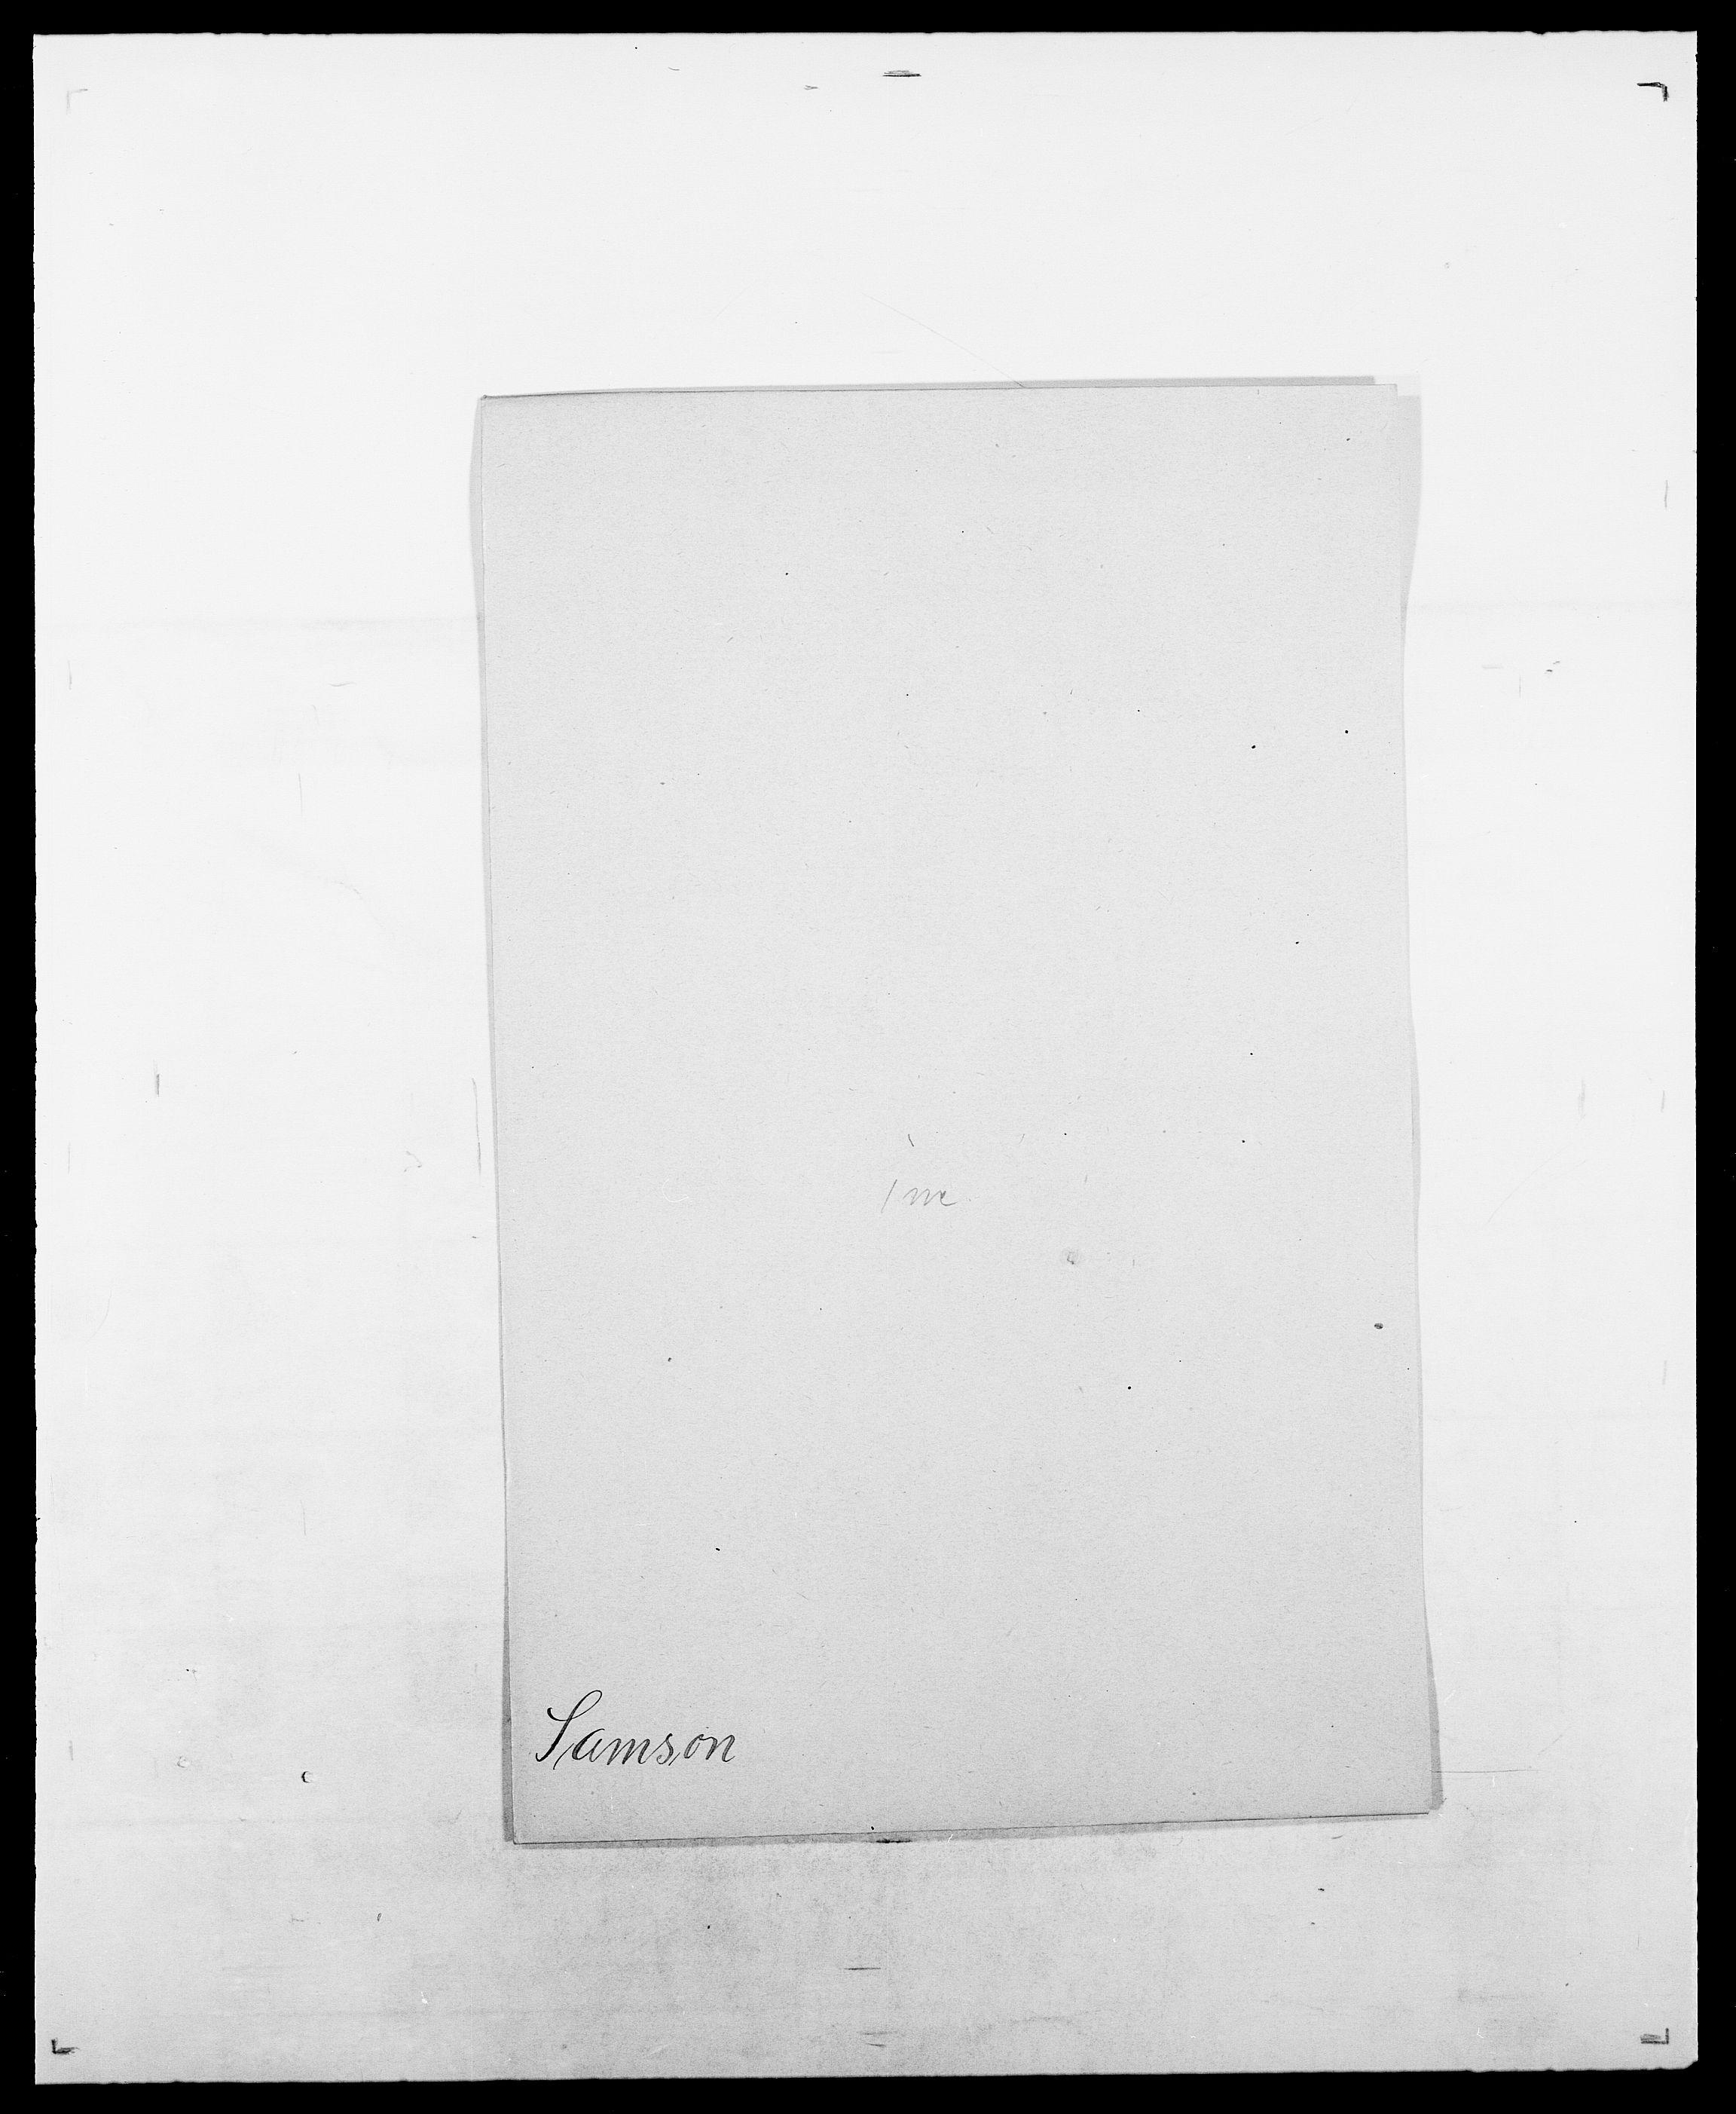 SAO, Delgobe, Charles Antoine - samling, D/Da/L0034: Saabye - Schmincke, s. 92